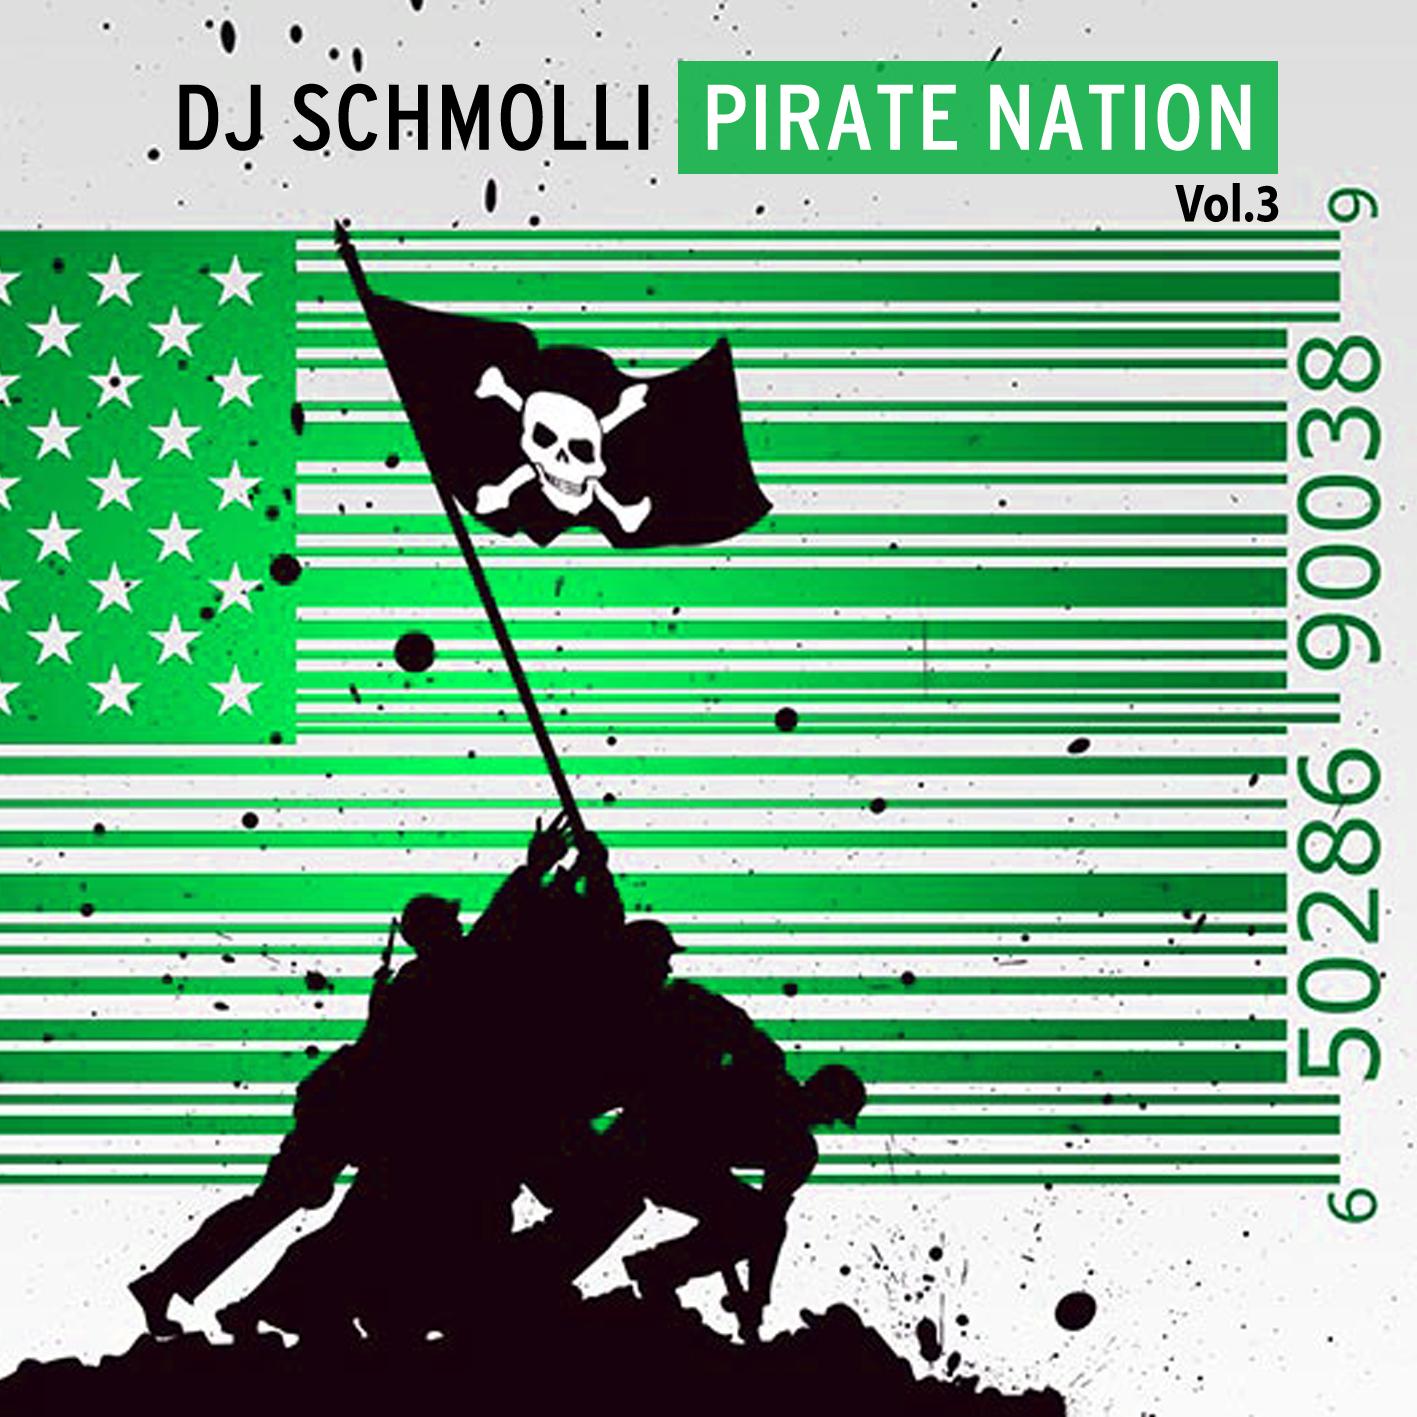 http://1.bp.blogspot.com/-QpQvx2Od8ok/T7EPOkdpyeI/AAAAAAAAAuc/TTPpYVvxoOQ/s1600/DJ+Schmolli+-+Pirate+Nation+Vol.3.jpg